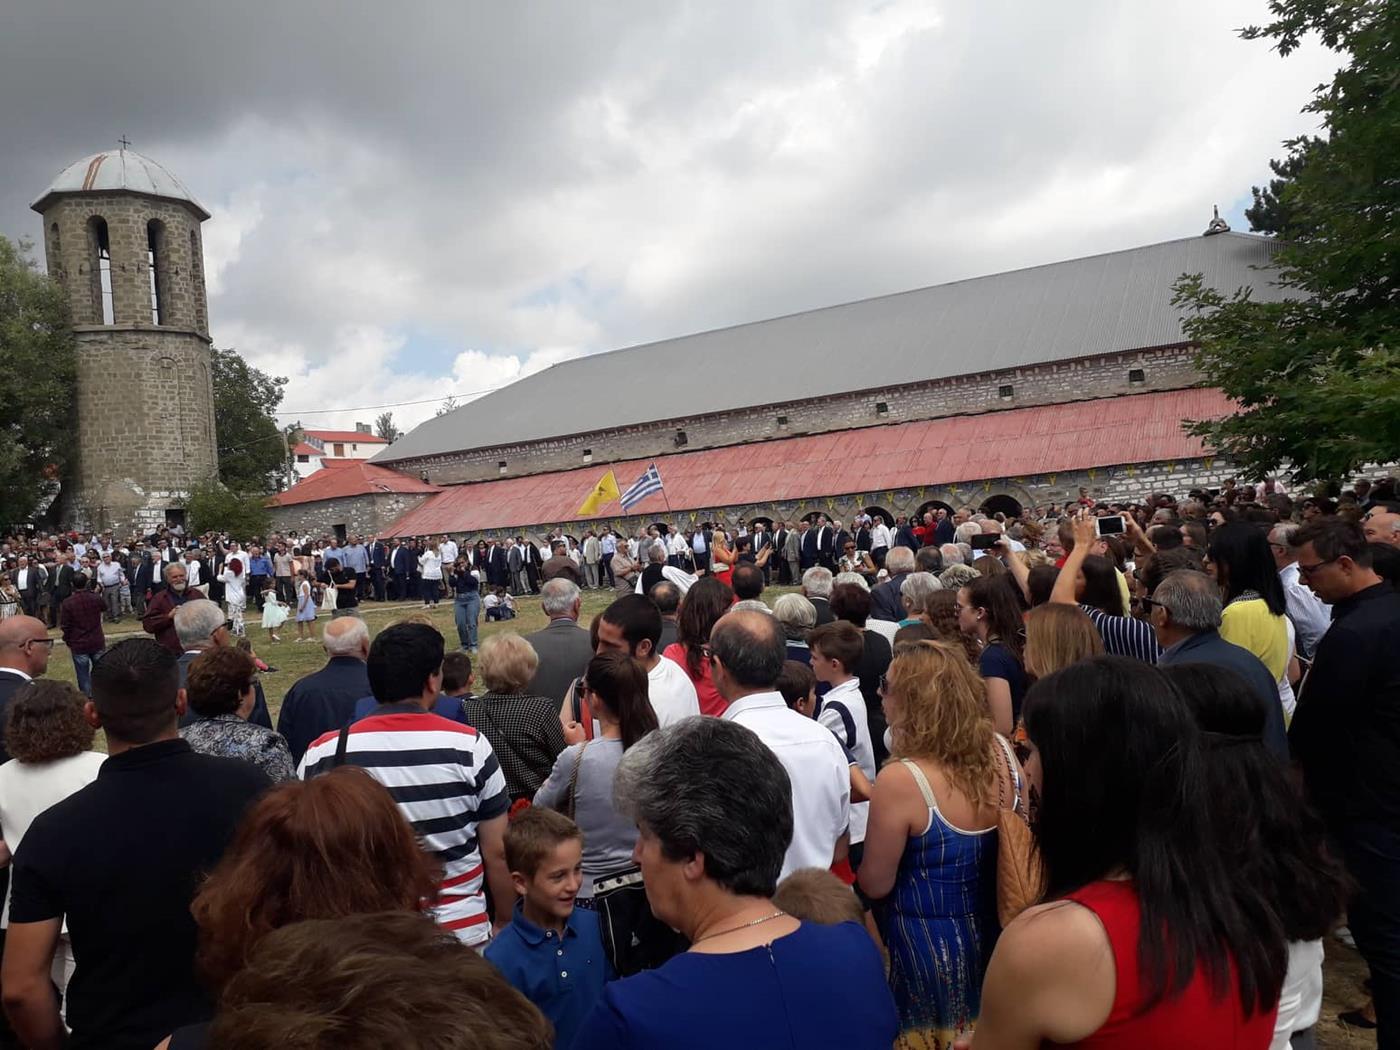 """Πλήθος Λαρισαίων στη Σαμαρίνα για τον """"Τσιάσιο"""", τον """"τρανό χορό"""" (φωτογραφίες)"""